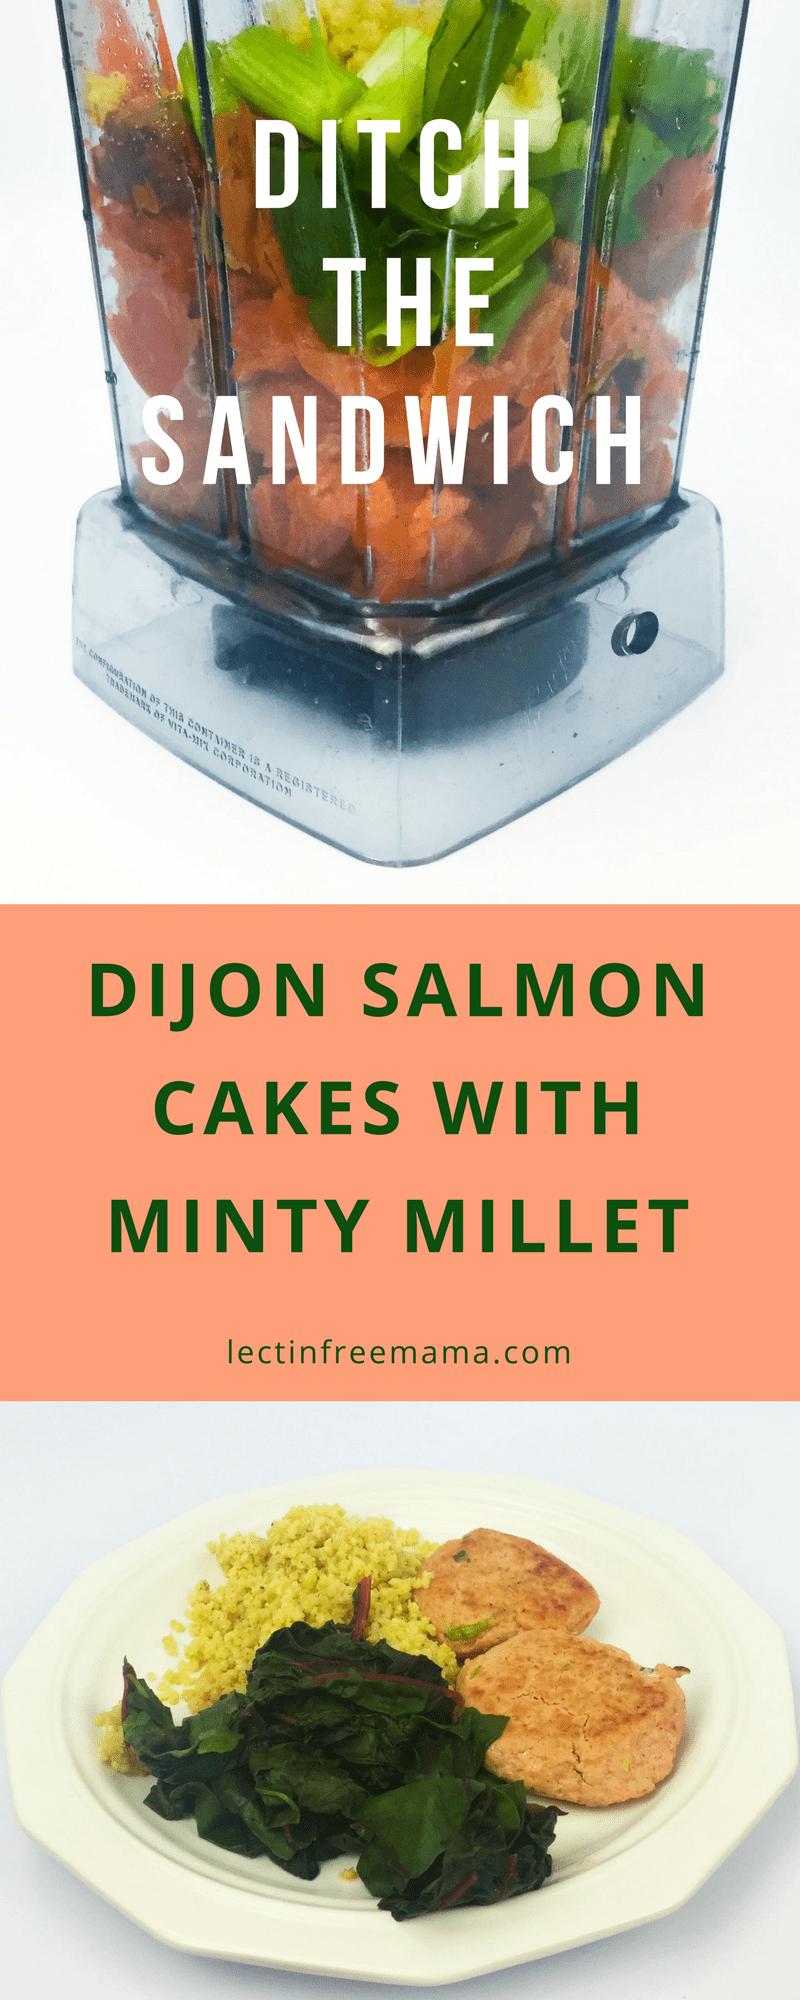 Dijon Salmon Cakes